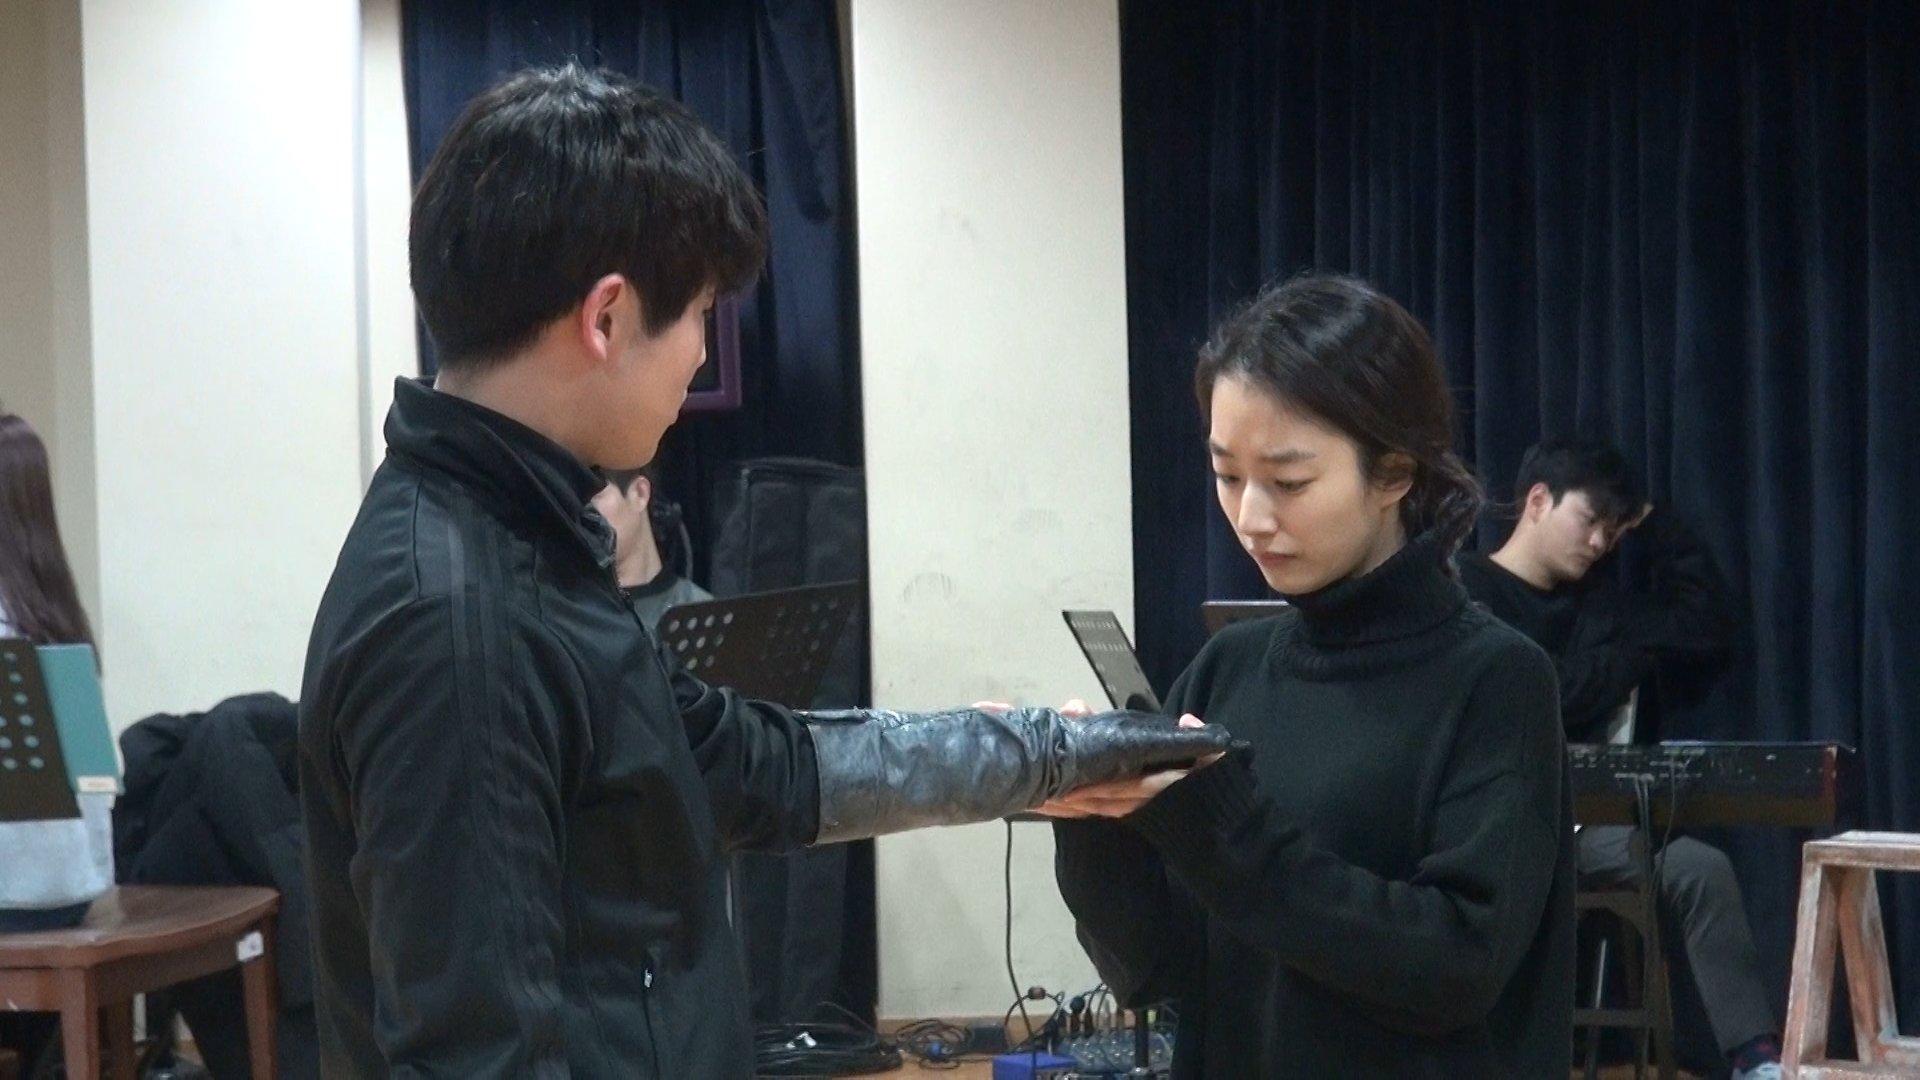 <줄리 앤 폴> 연습 - 곽선영, 송유택, 김아영, 박준후, 최연동, 송광일